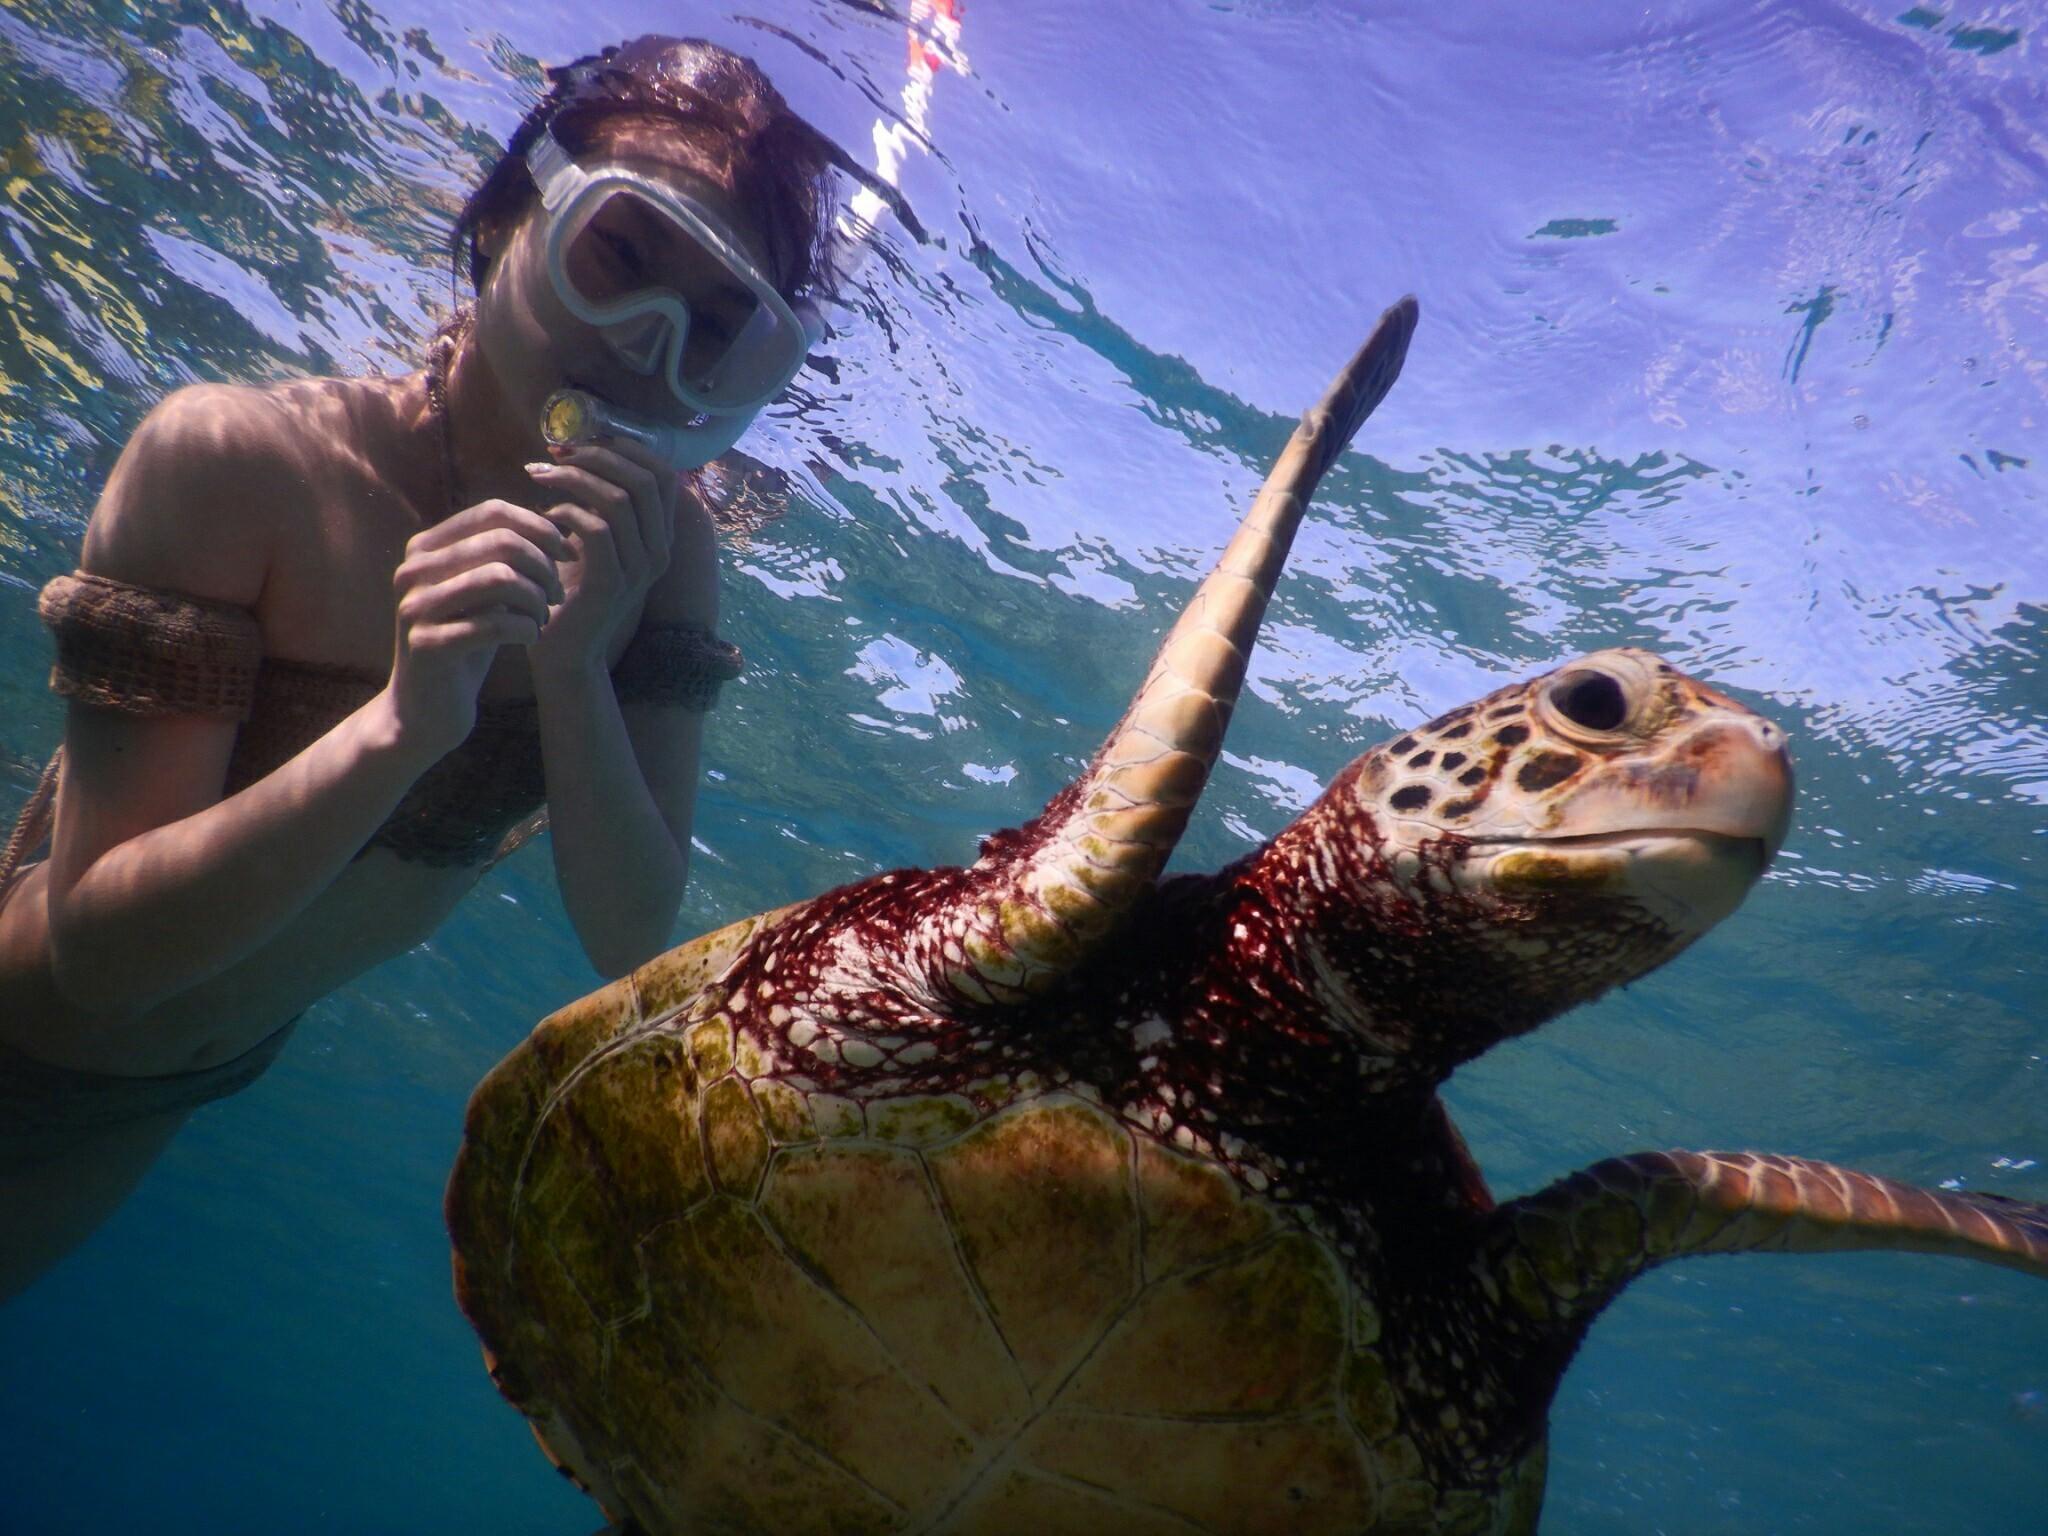 宮古島でウミガメに会いたいと願う